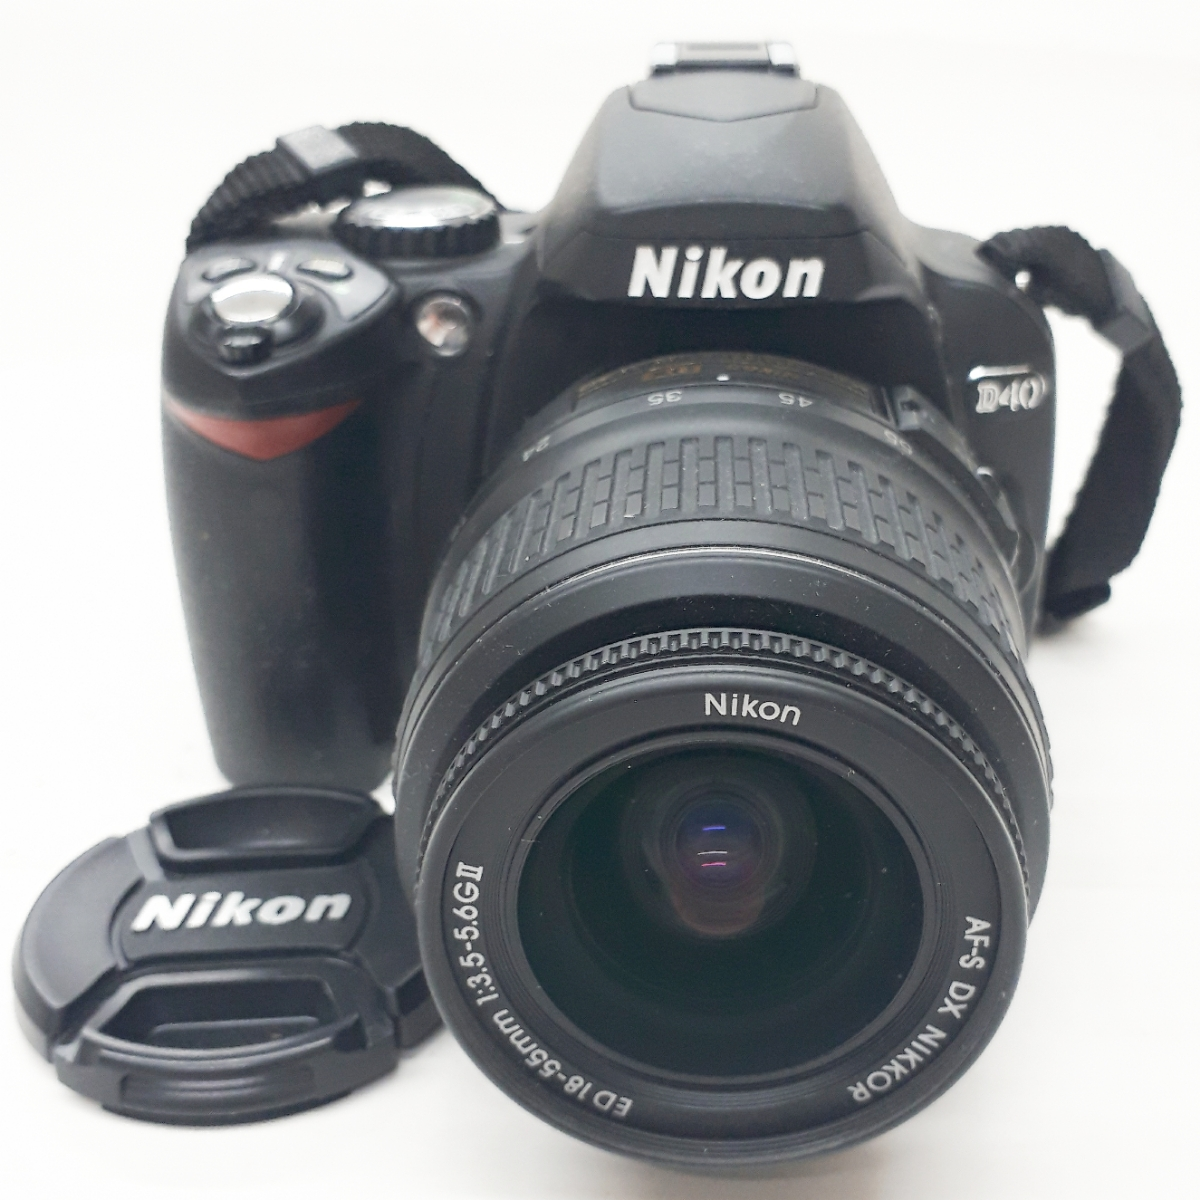 ★Nikon ニコン D40 一眼 デジタルカメラ レンズ AF-S DX NIKKOR 18-55mm 1:3.5-5.6G Ⅱ ED★